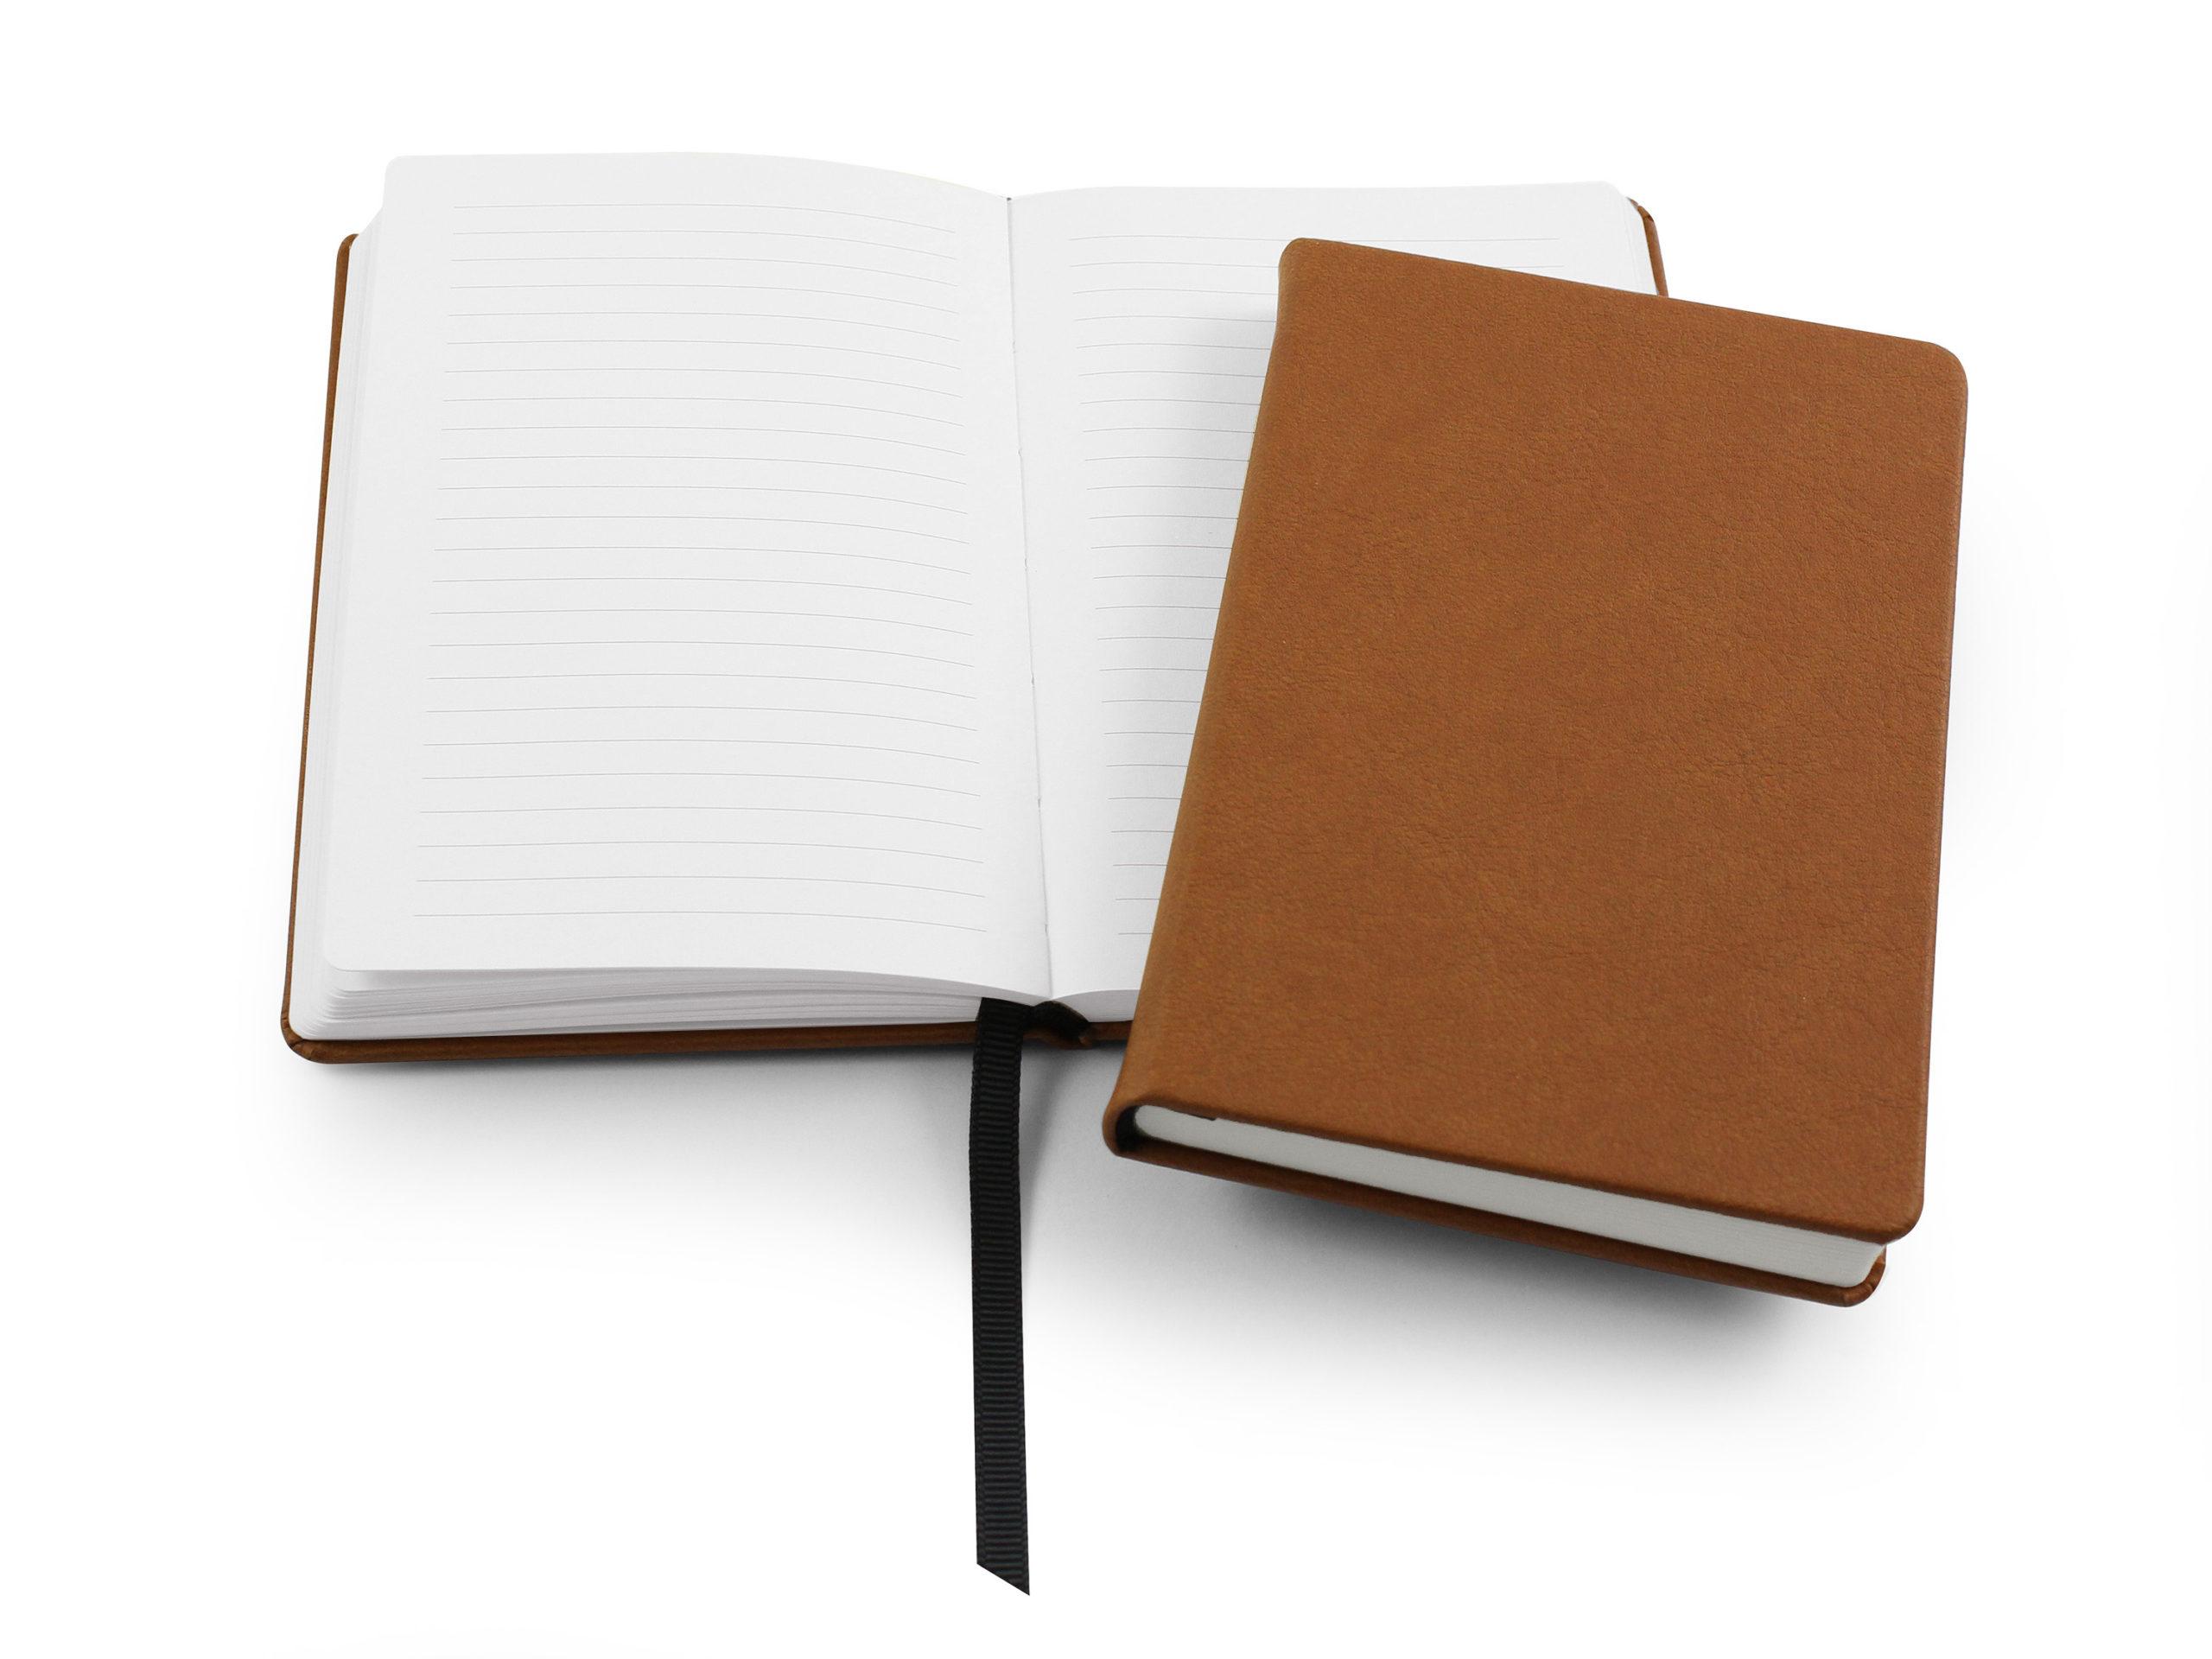 Caramel Biodegradable BioD Pocket Notebook